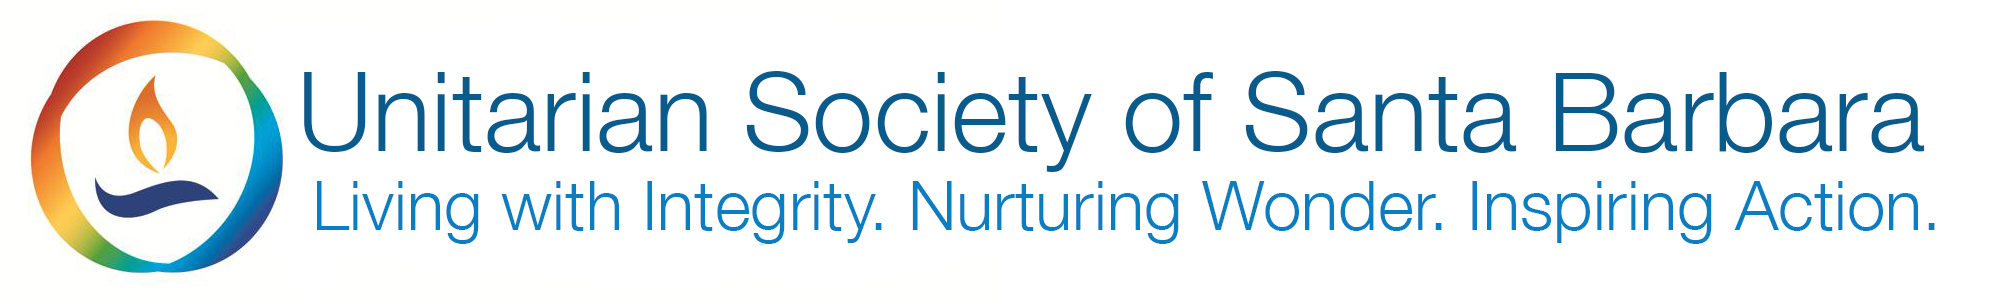 Unitarian Society of Santa Barbara